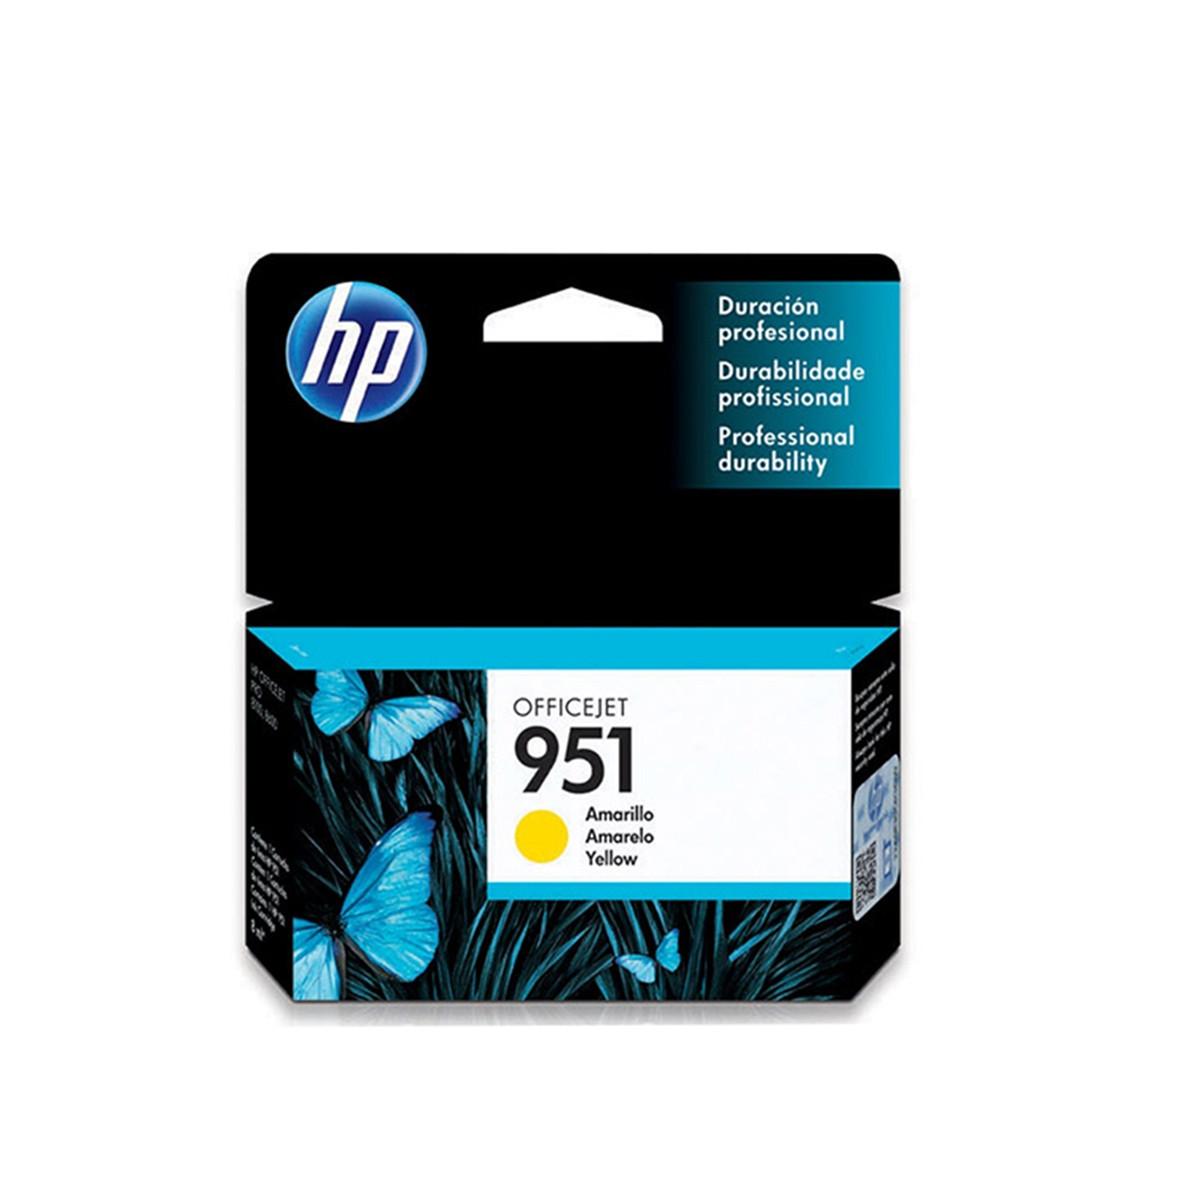 Cartucho de Tinta HP 951 CN052AL CN052AB Amarelo | 8610 8620 8100 8600 Plus 8630 | Original 8ml